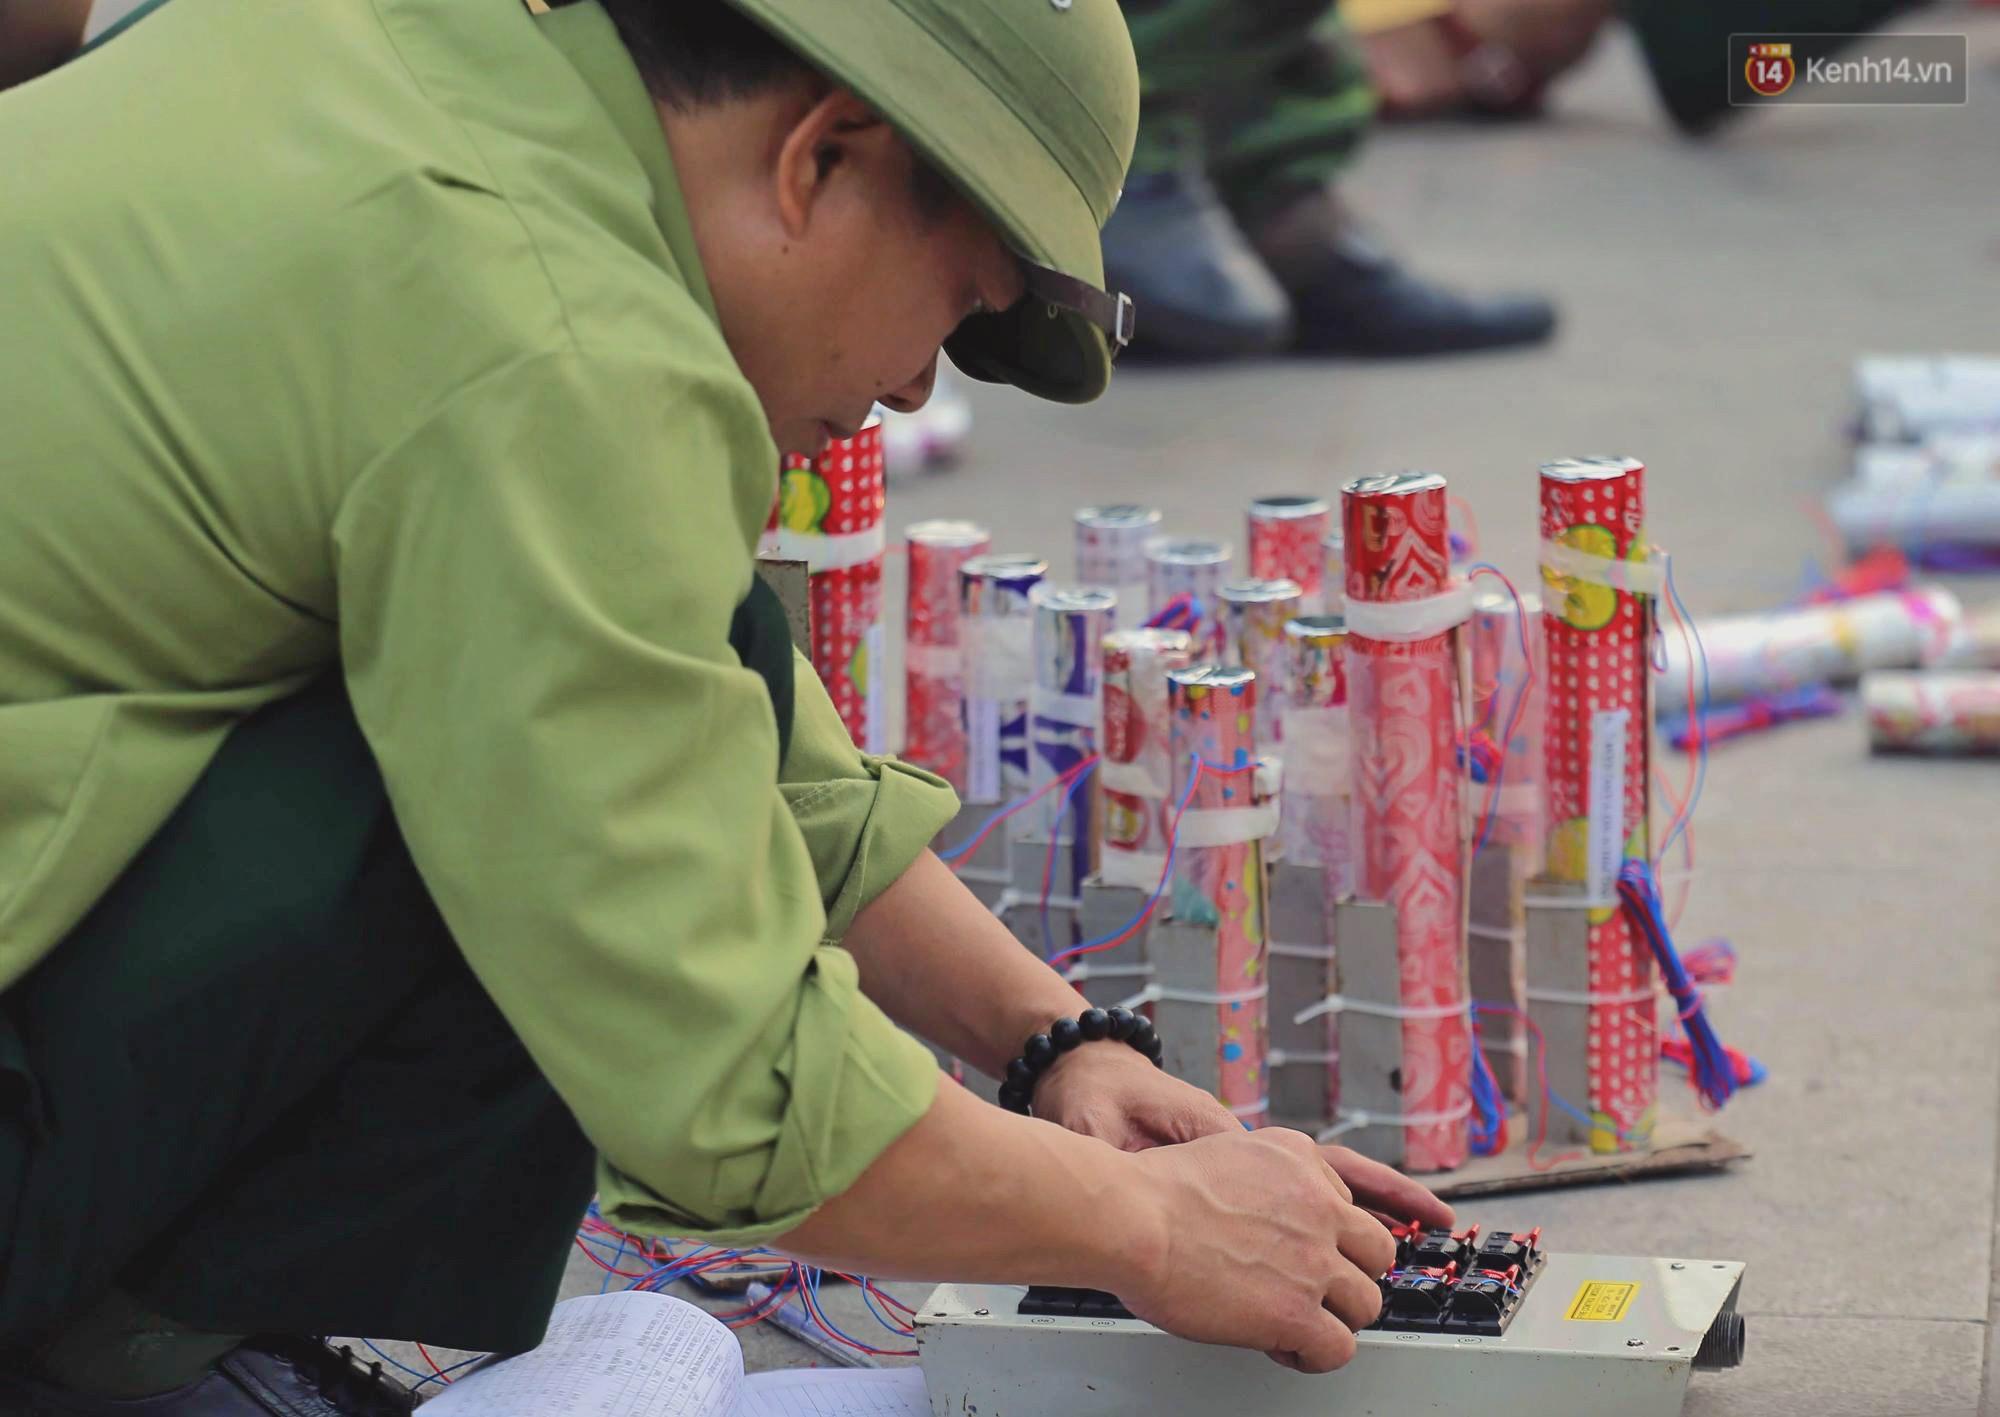 Hà Nội: Trận địa pháo hoa tại Hồ Tây đang tất bật chuẩn bị để chờ đón phút giây giao thừa - Ảnh 4.